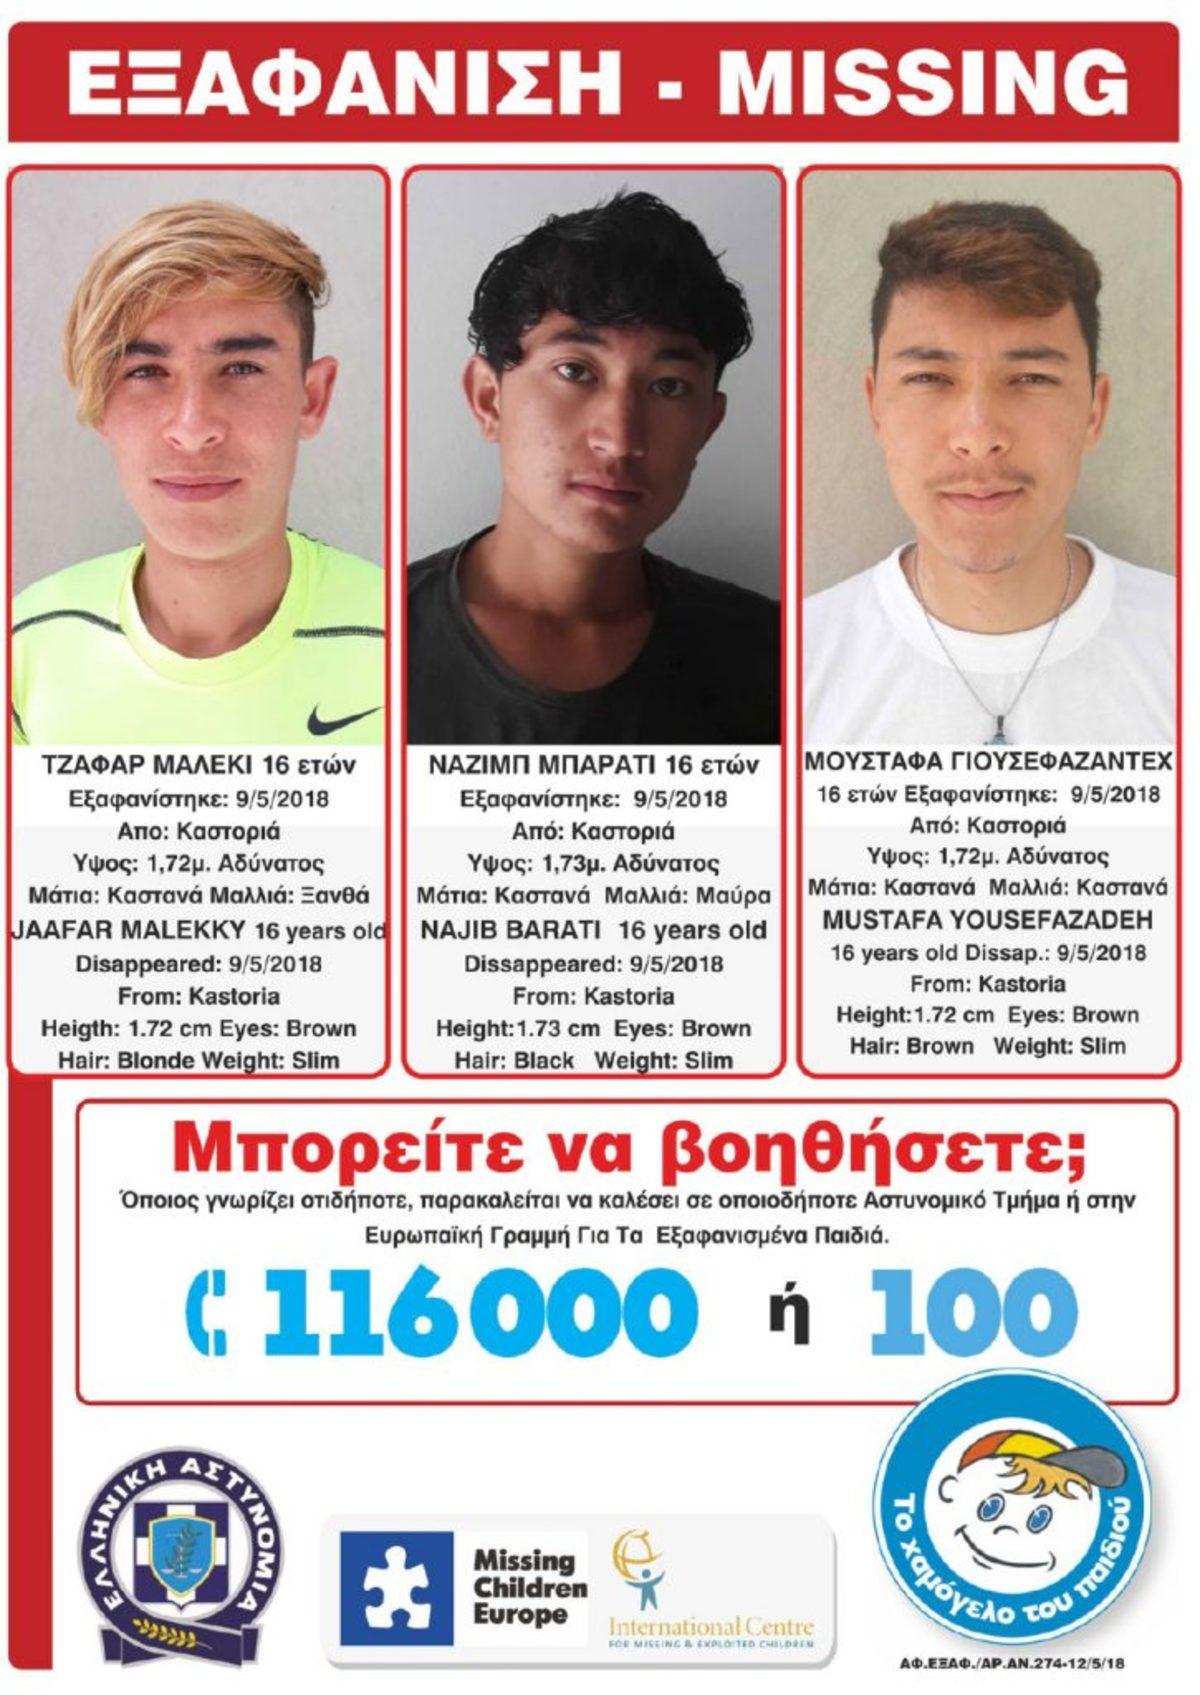 Συναγερμός στην Καστοριά - Εξαφανίστηκαν τρία 16χρονα αγόρια afisa 1